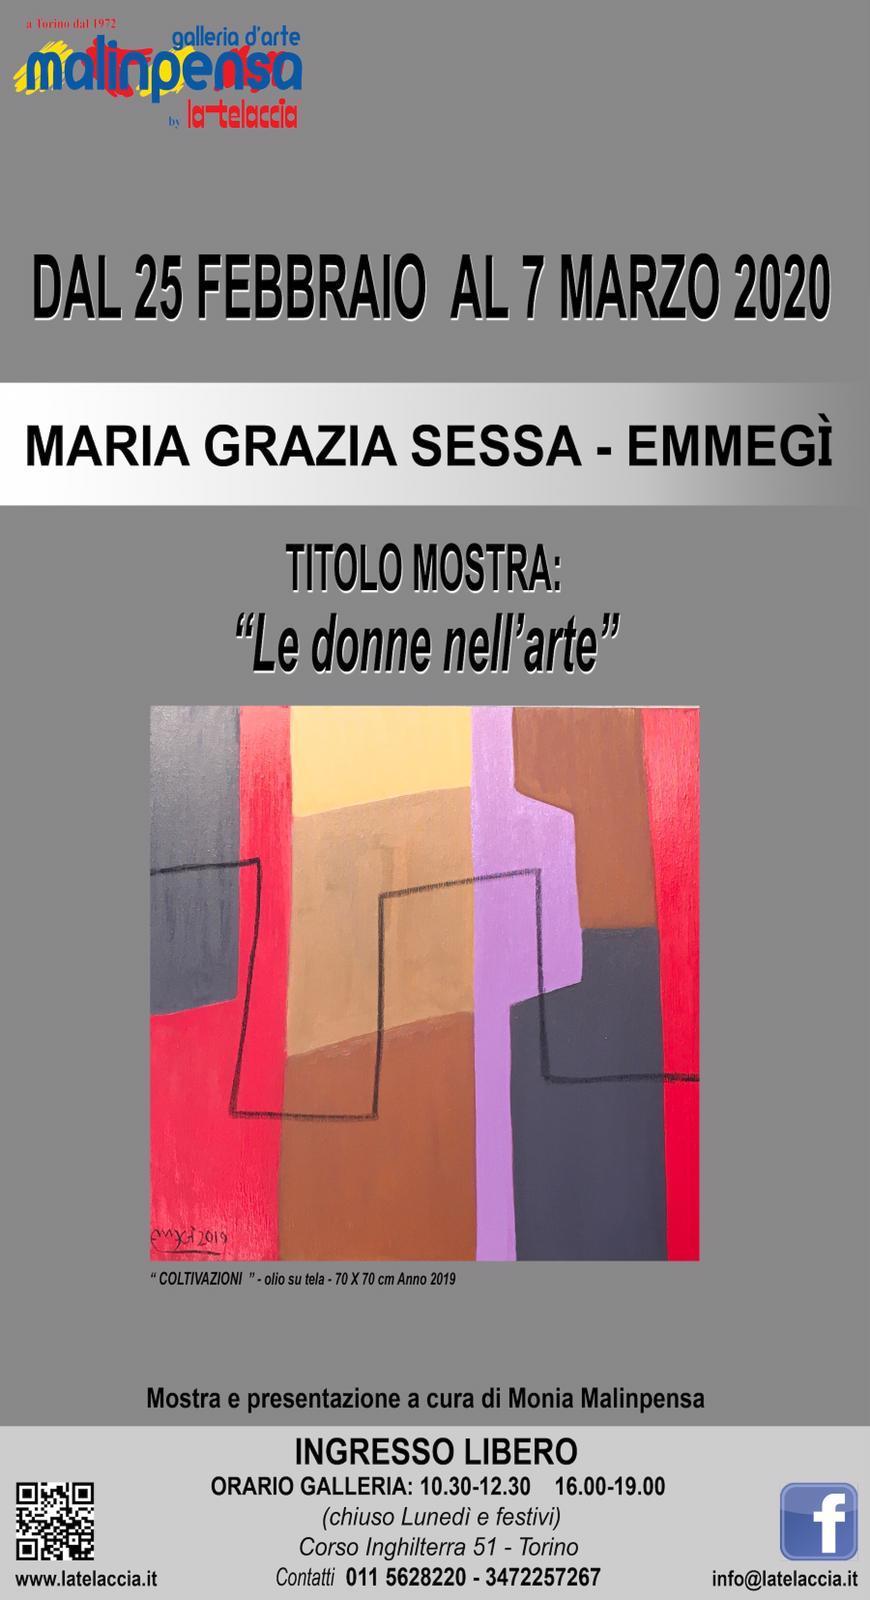 Le donne nell'arte, a Torino in mostra una tela di Maria Grazia Sessa